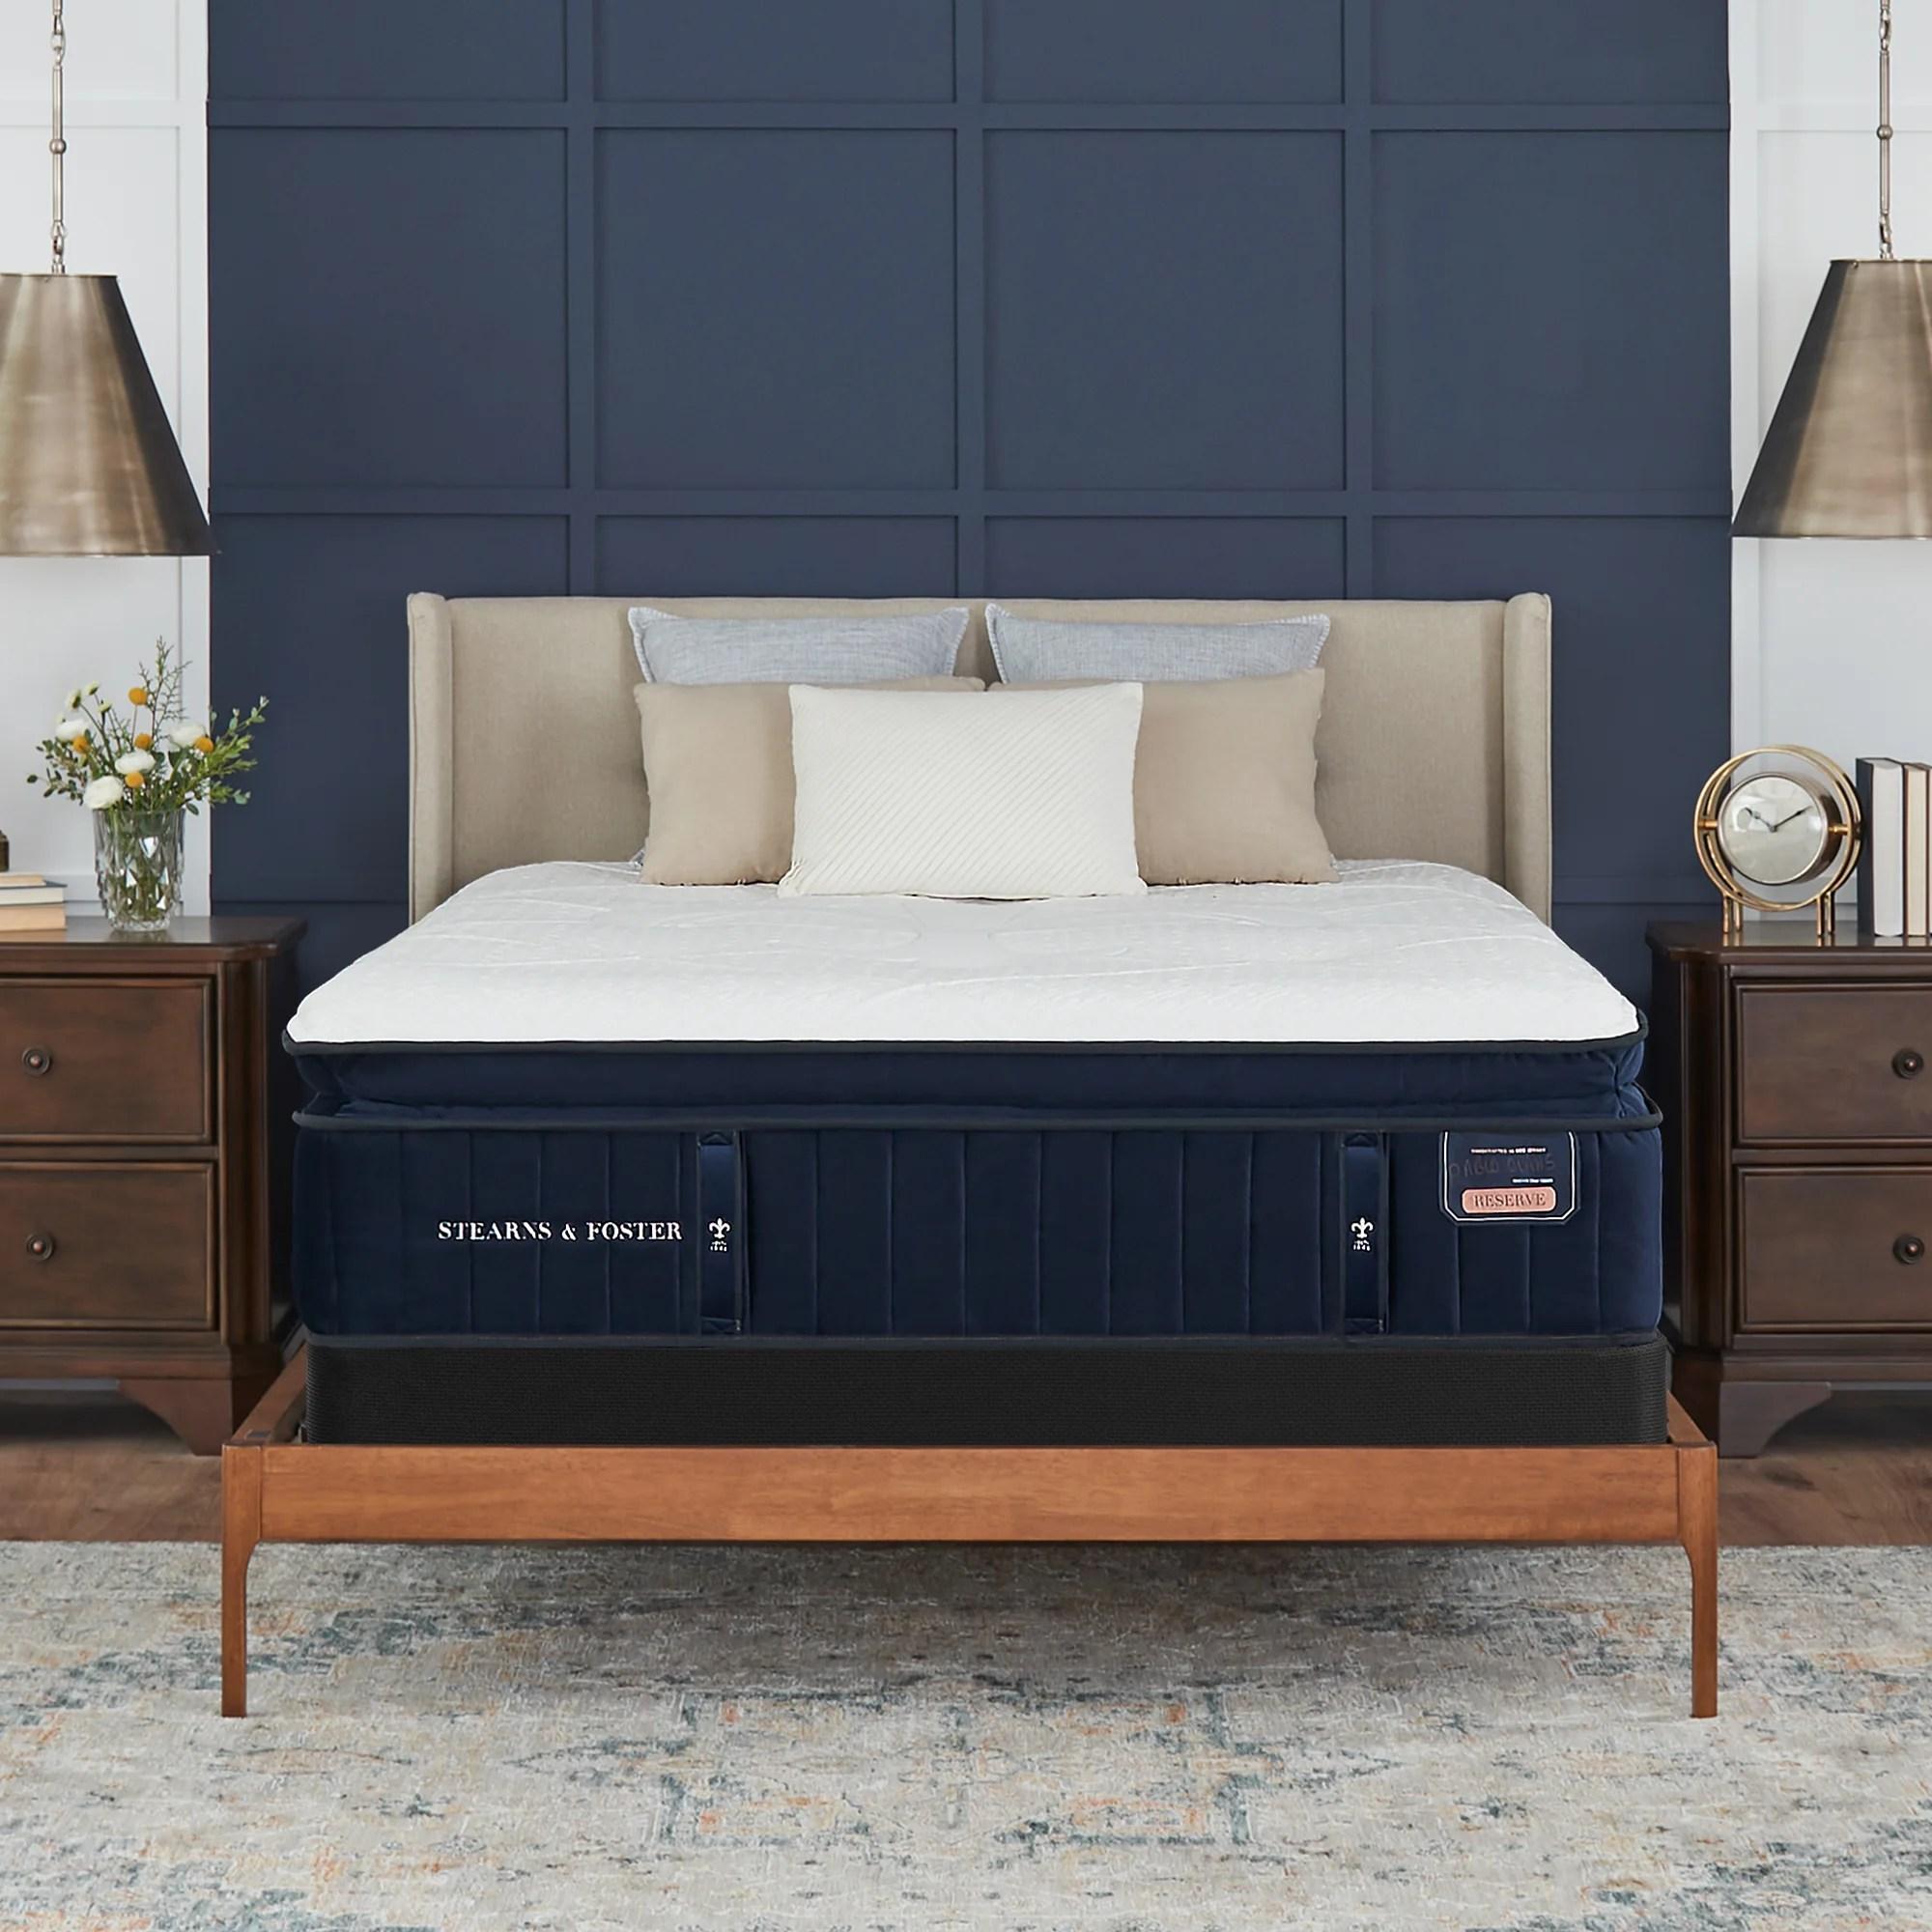 stearns foster reserve 16 plush pillowtop mattress